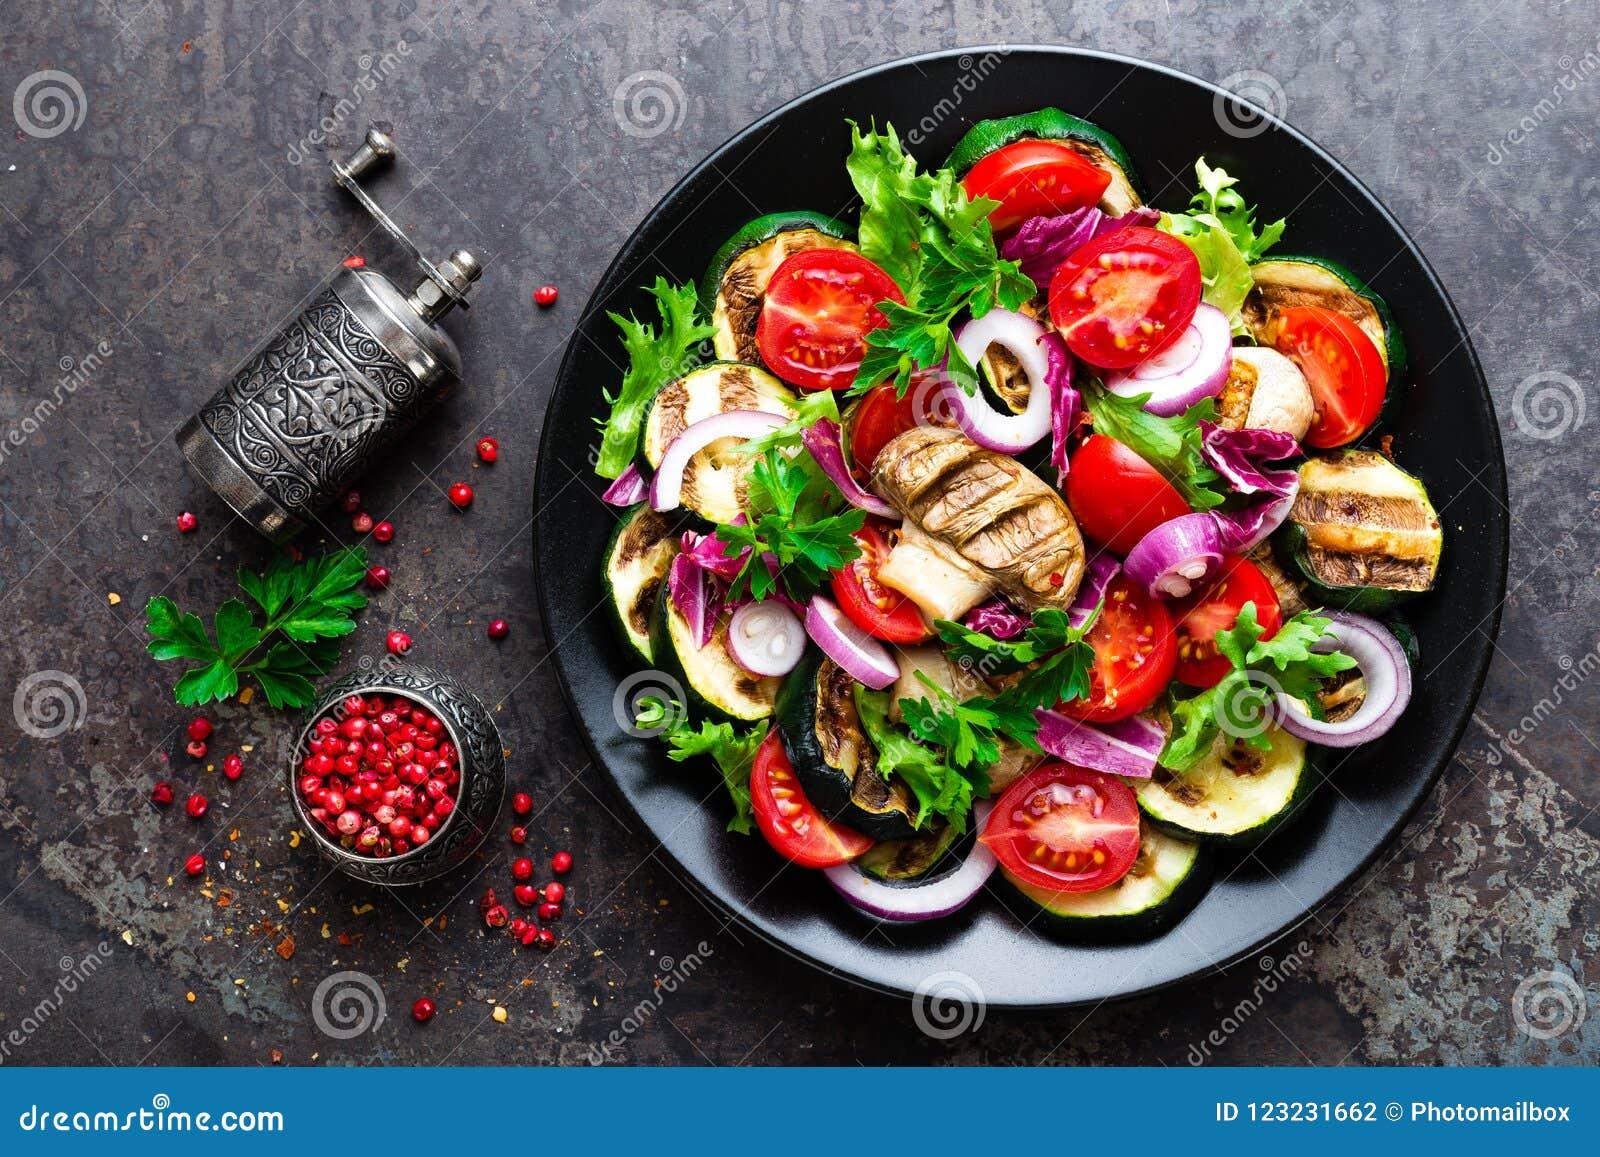 Salade avec les légumes et les champignons frais et grillés Salade végétale avec les champignons de paris grillés Salade végétale